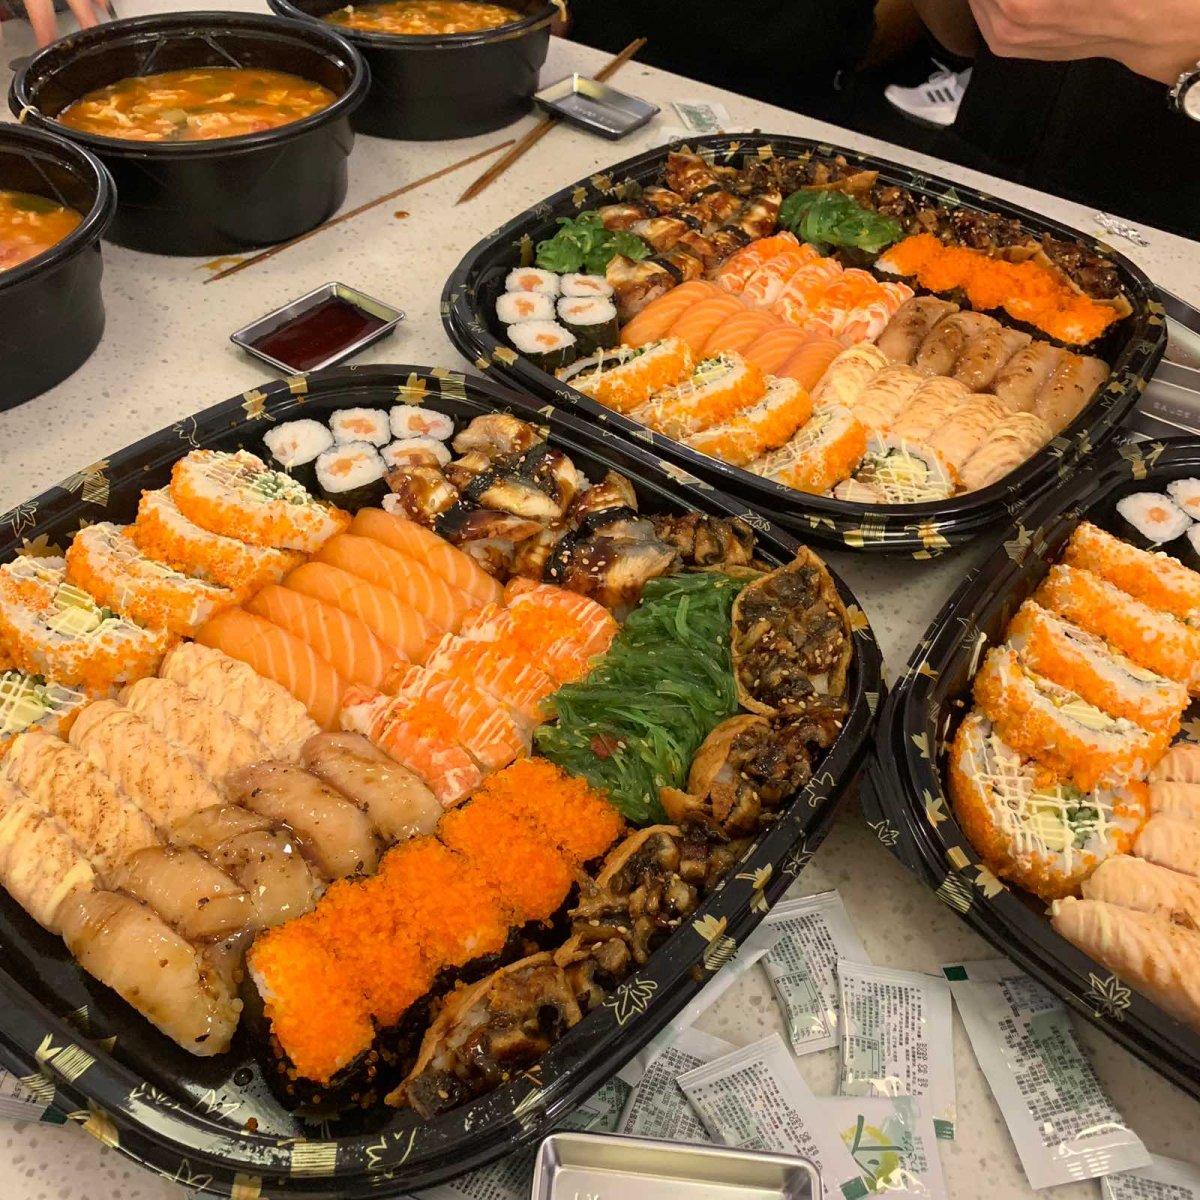 秋膘大作战之day4  早午餐:鱼腩锅豆腐锅、凉拌土豆丝、豆